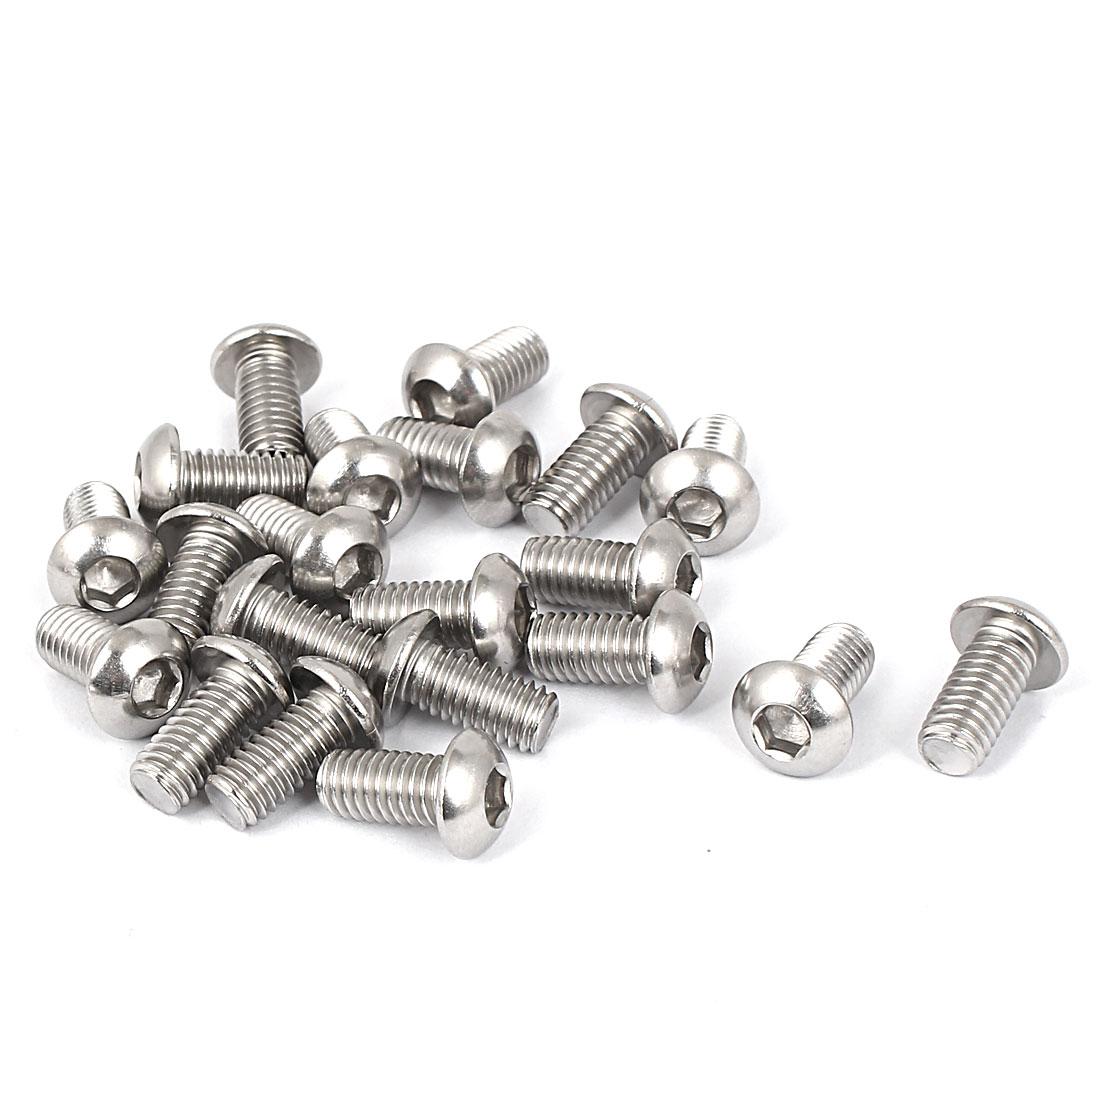 M6 x 12mm Full Thread Button Head Socket Cap Screw Silver Tone 20 Pcs